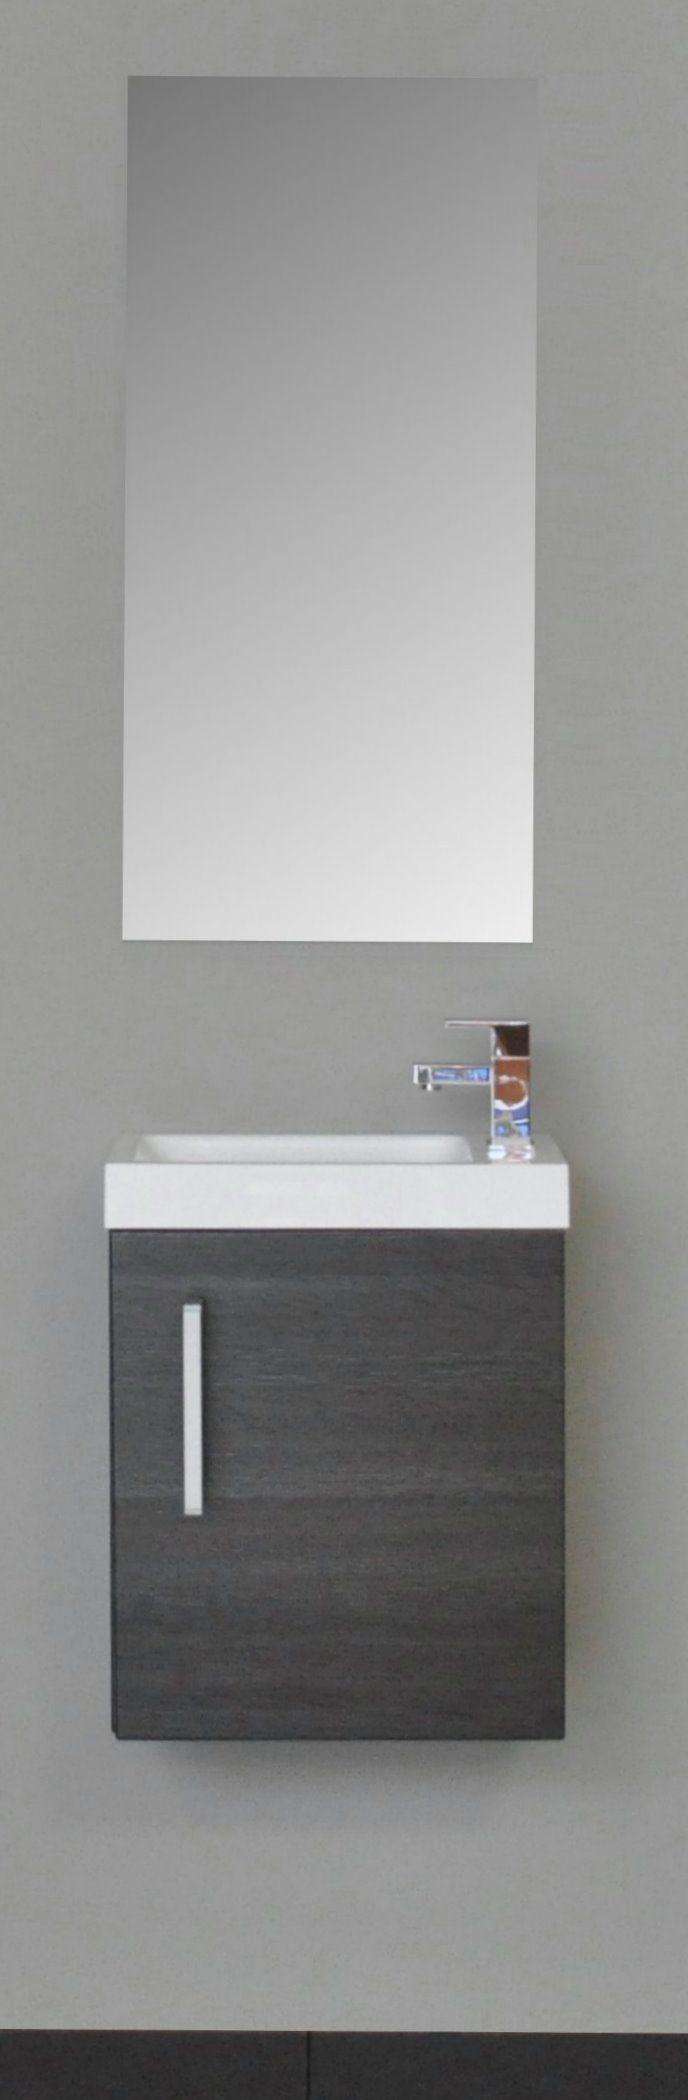 Sanicare toiletmeubel Q40 schots-eiken 40 cm. met spiegel